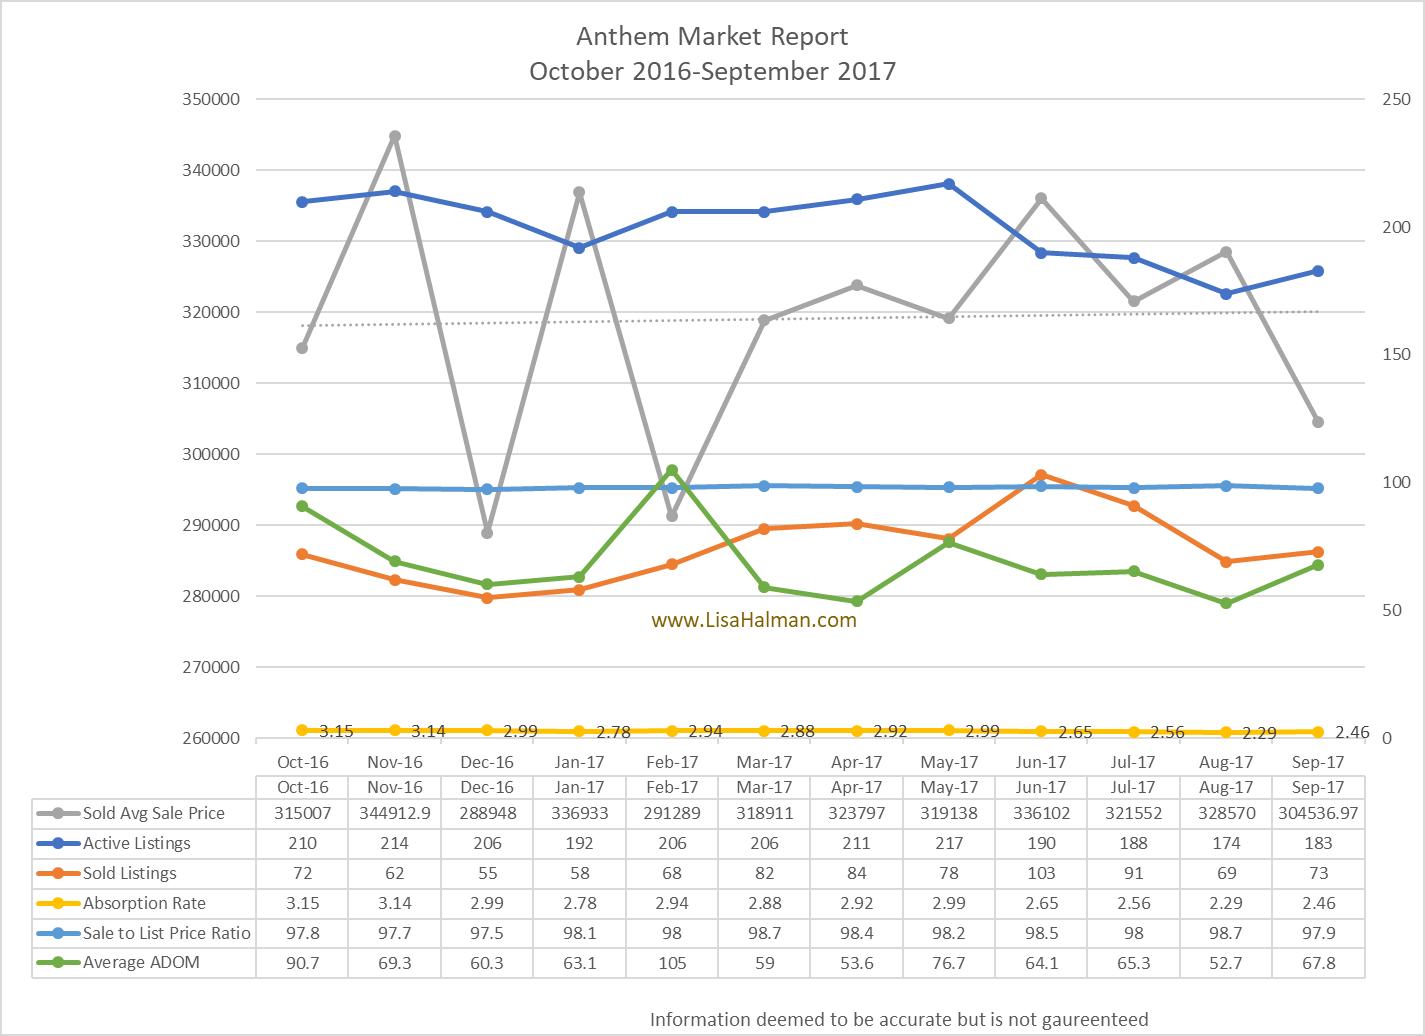 Anthem Market Update September 2017